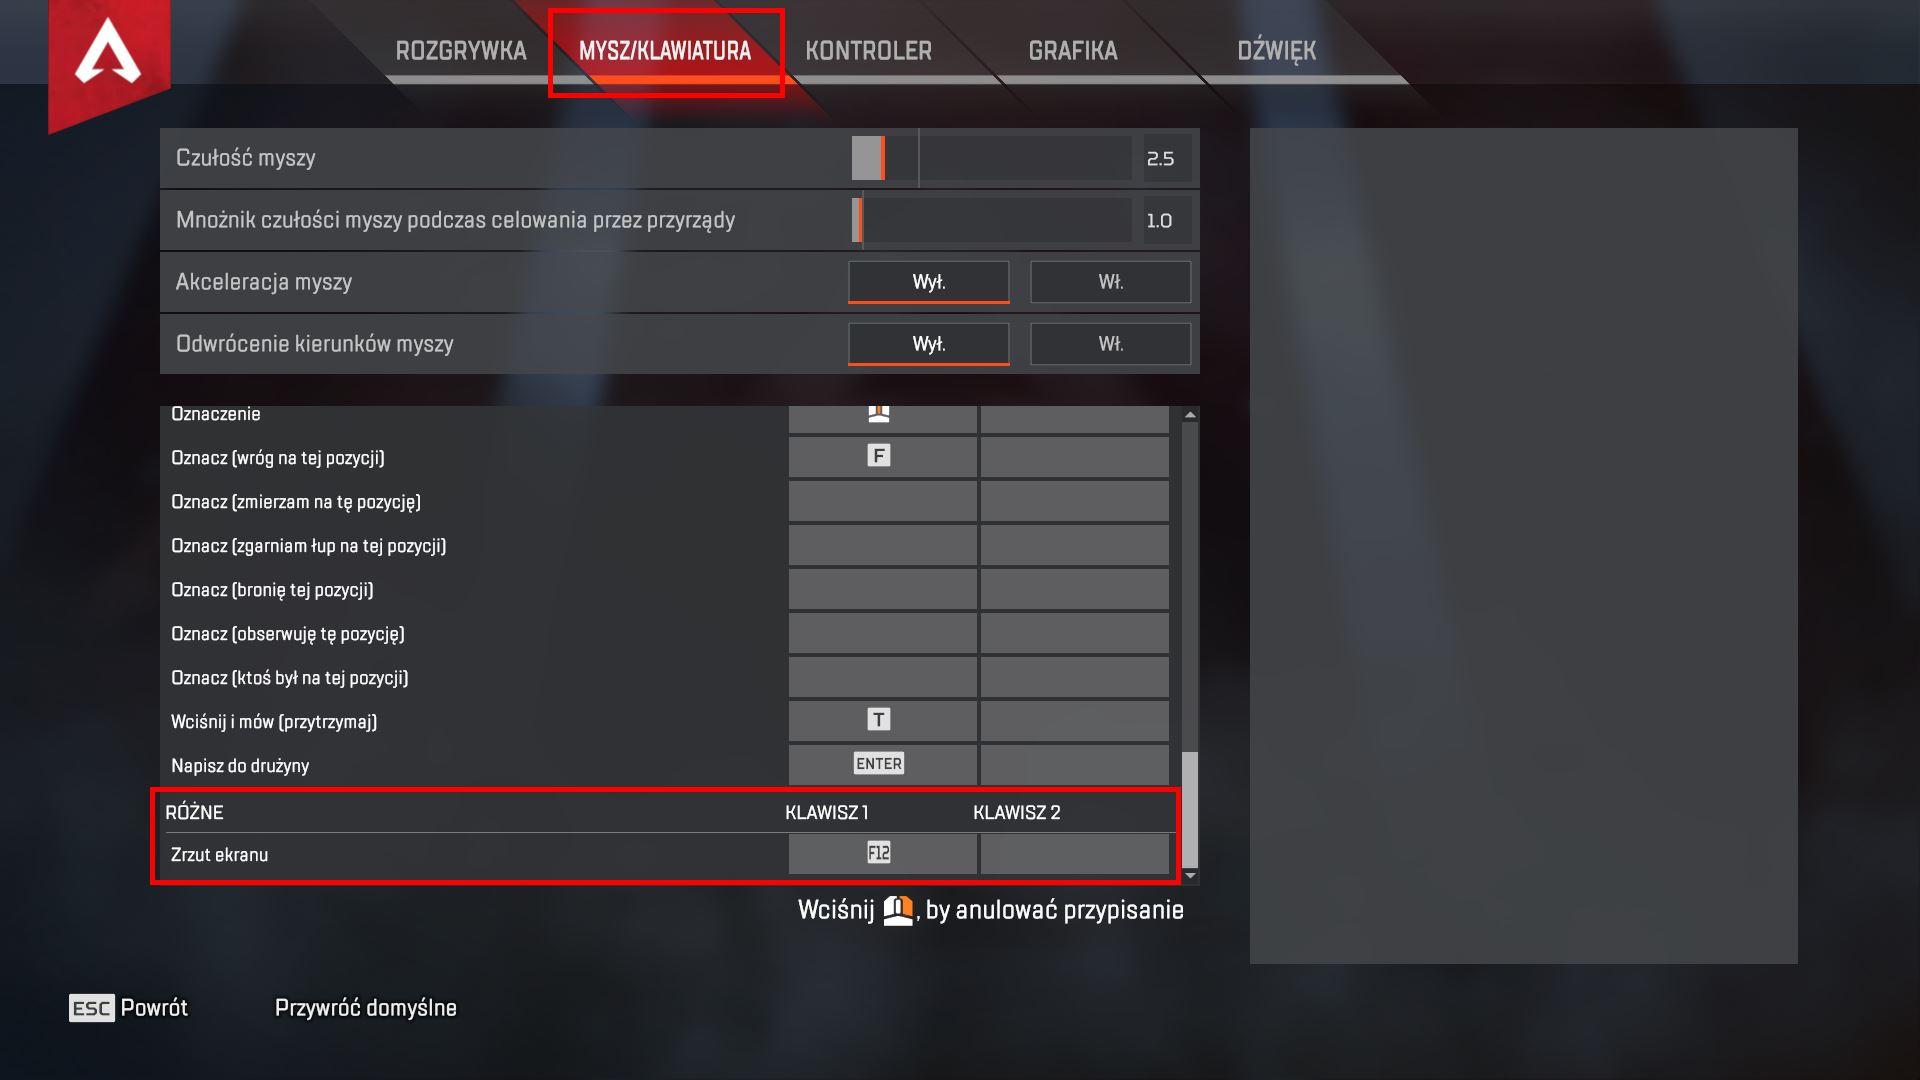 Zmień klawisz przypisany do funkcji zrzutu ekranu w Apex Legends